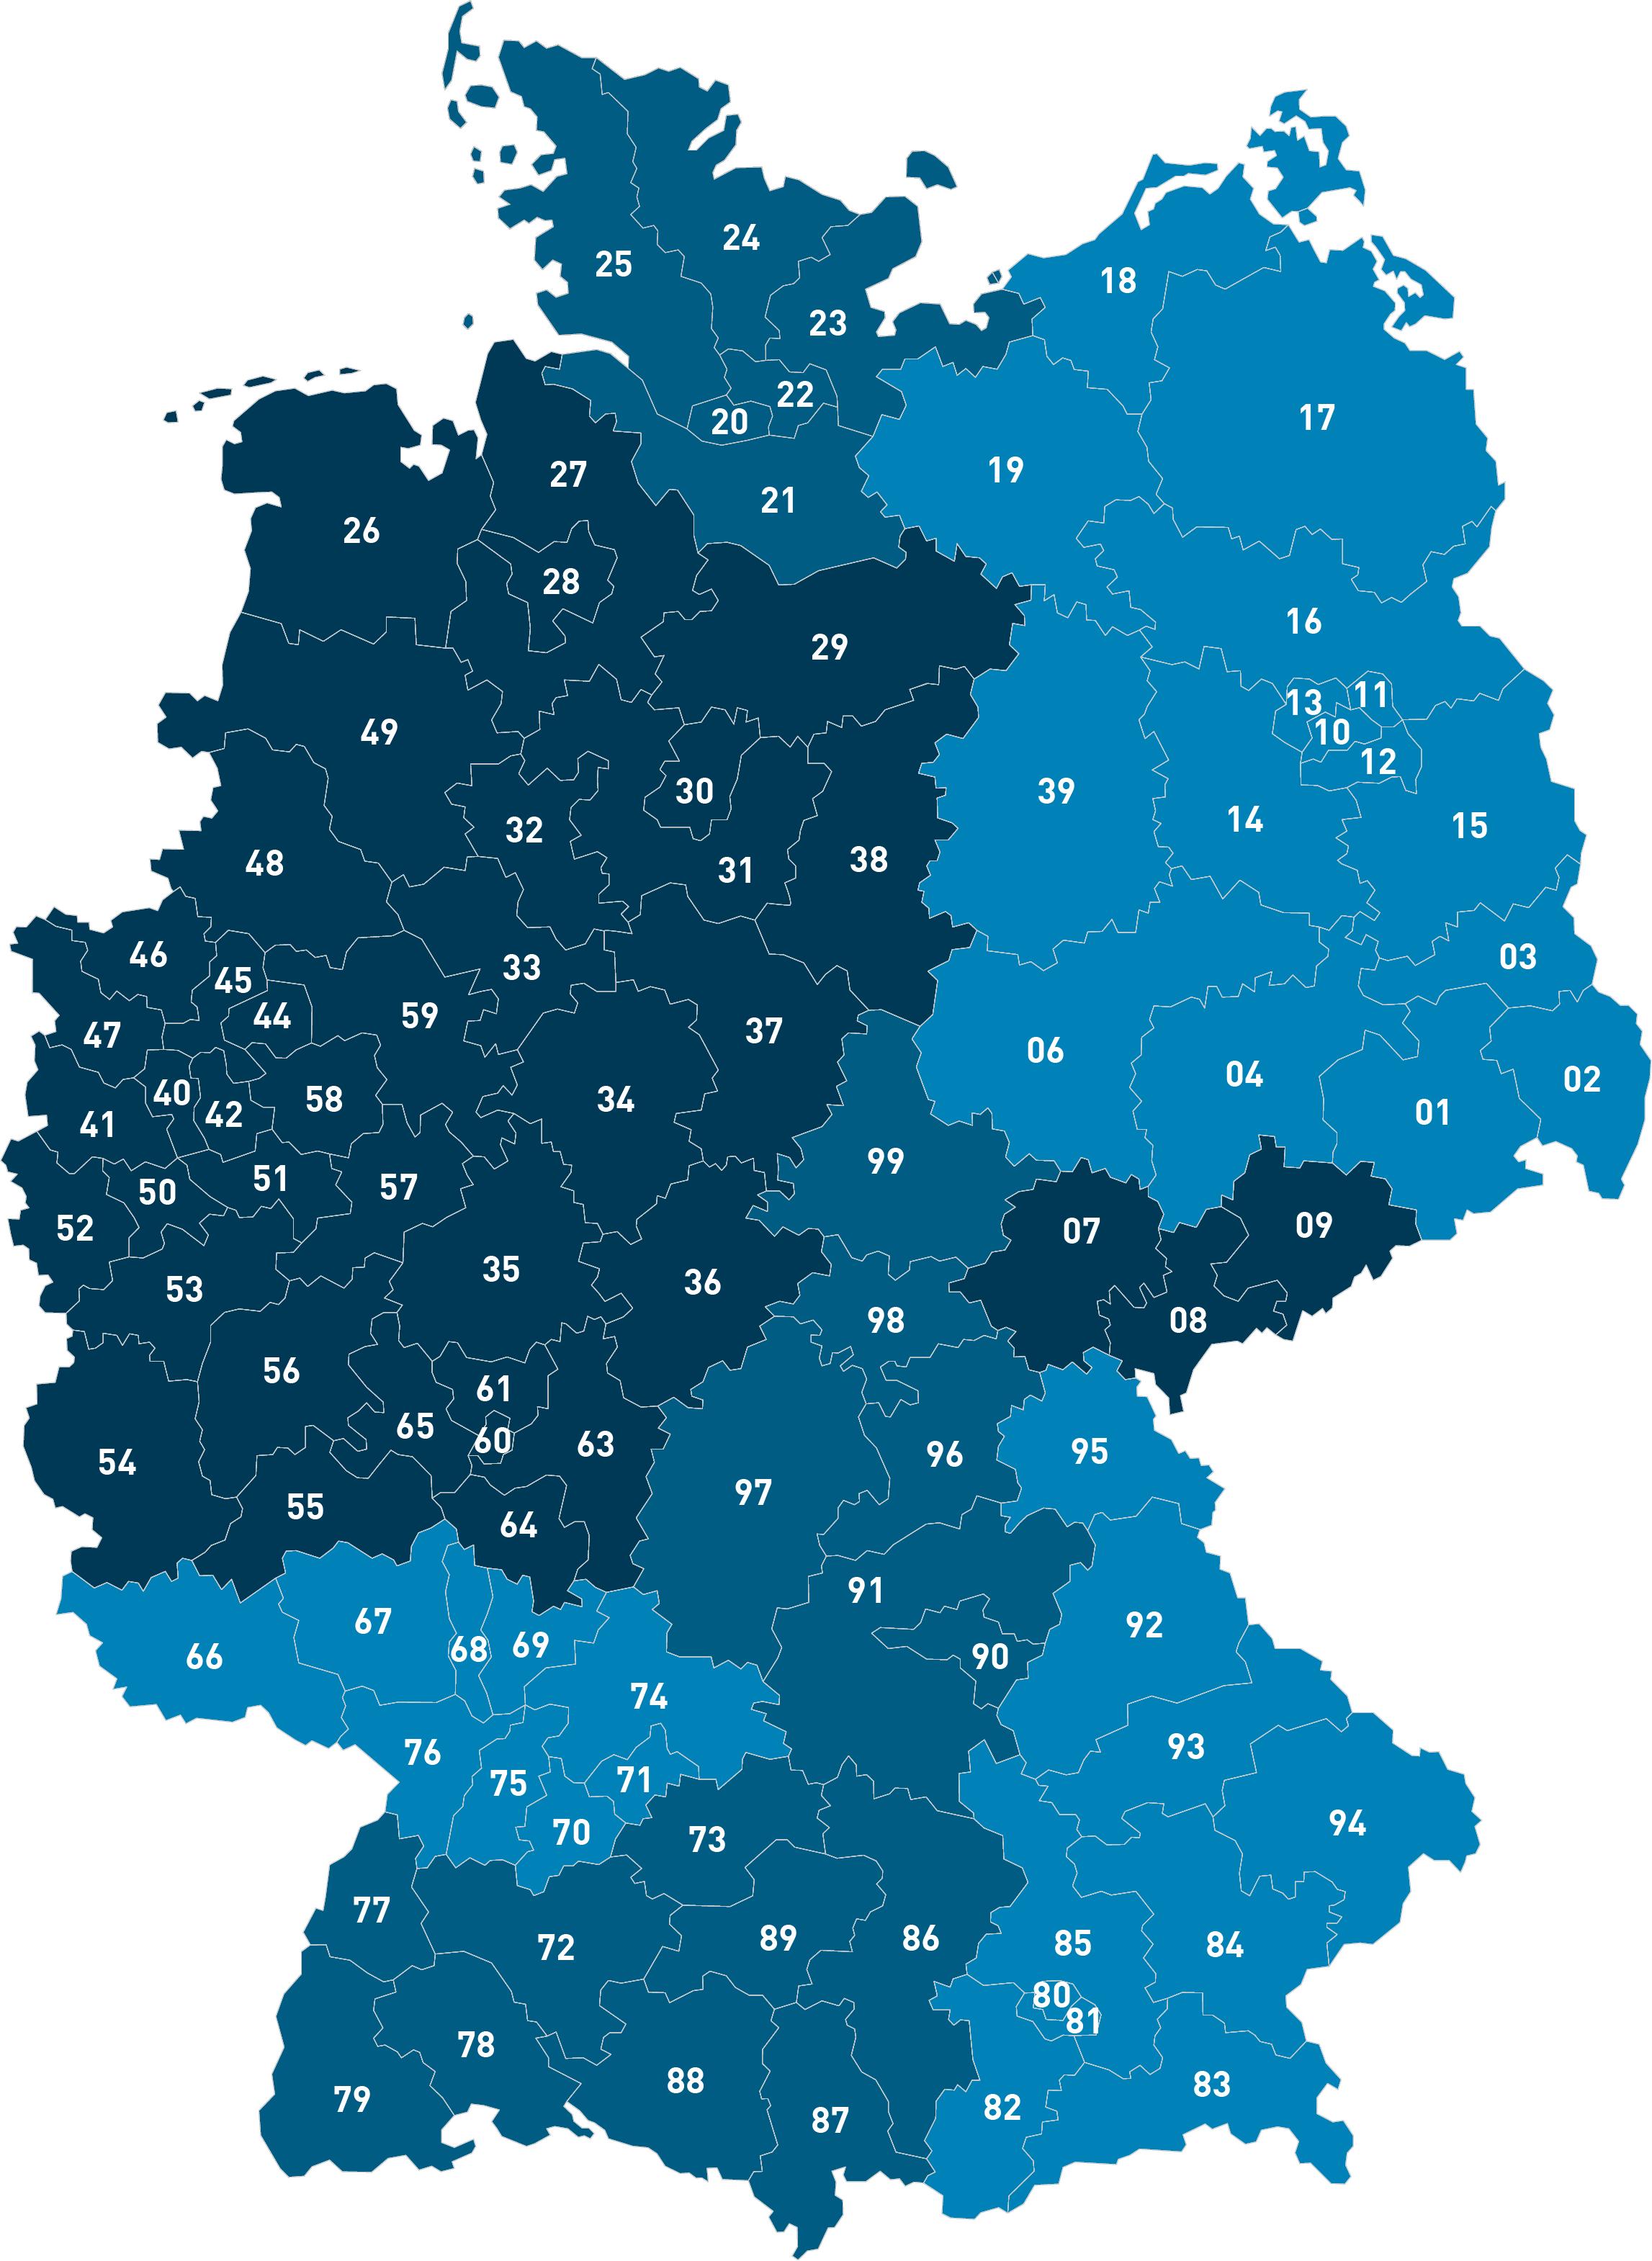 Vertriebspunkte in Deutschland